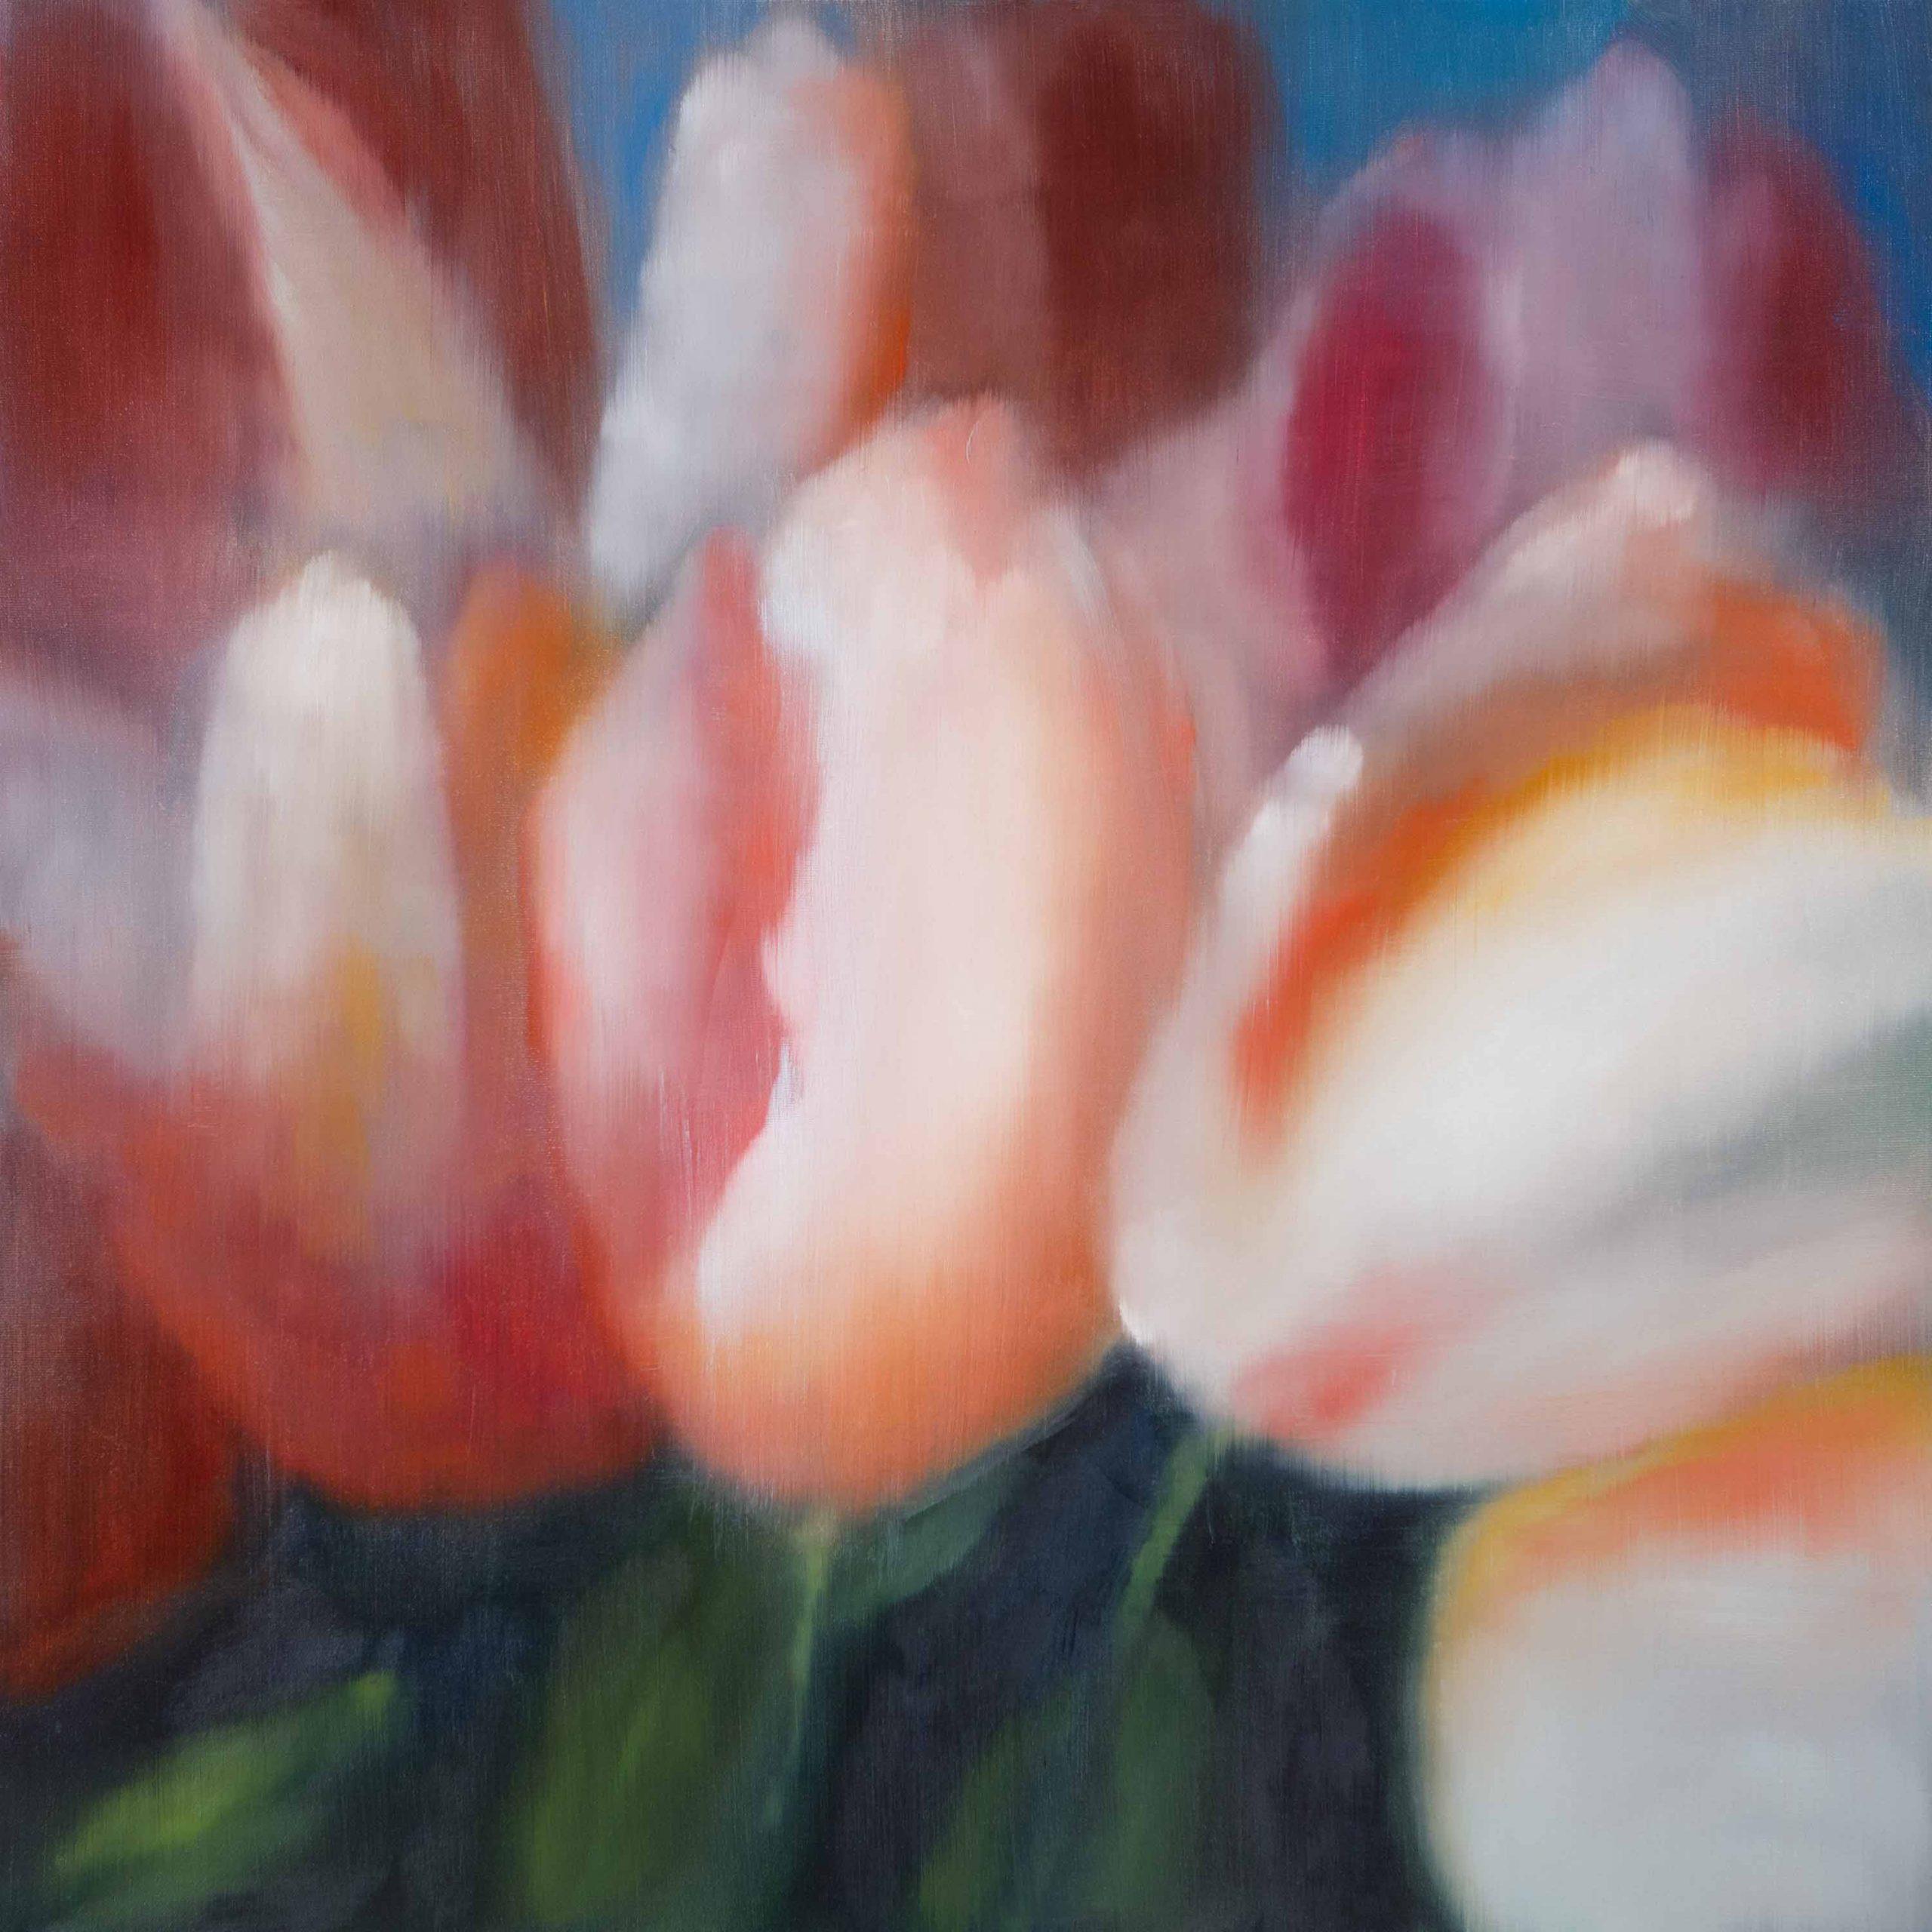 Light Flowers Iii by Ross Bleckner